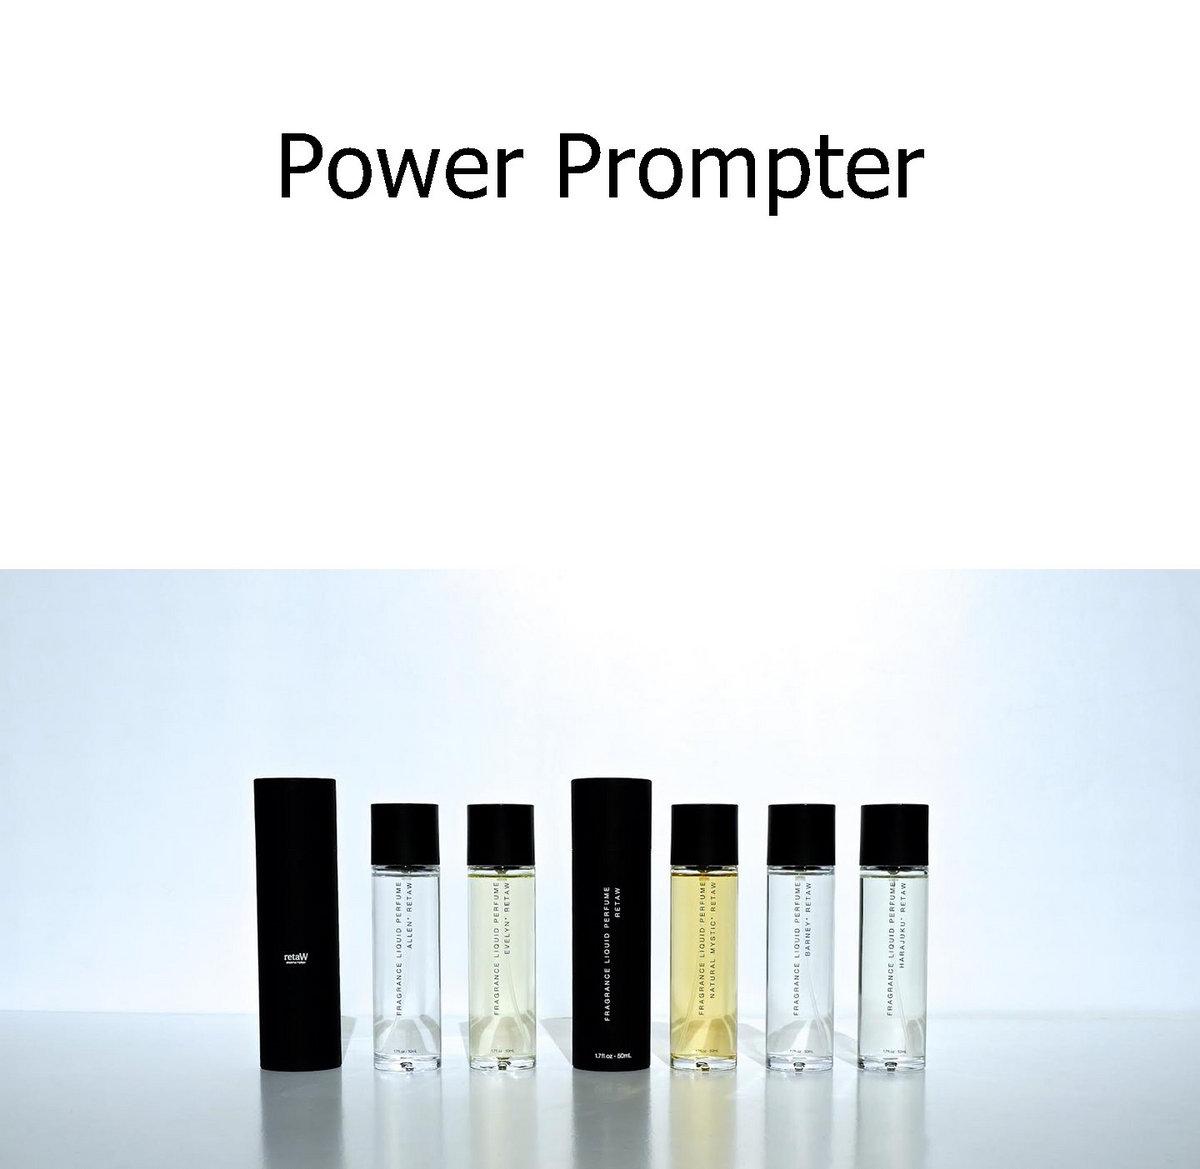 デスクトップ用 Power Prompter 3 0 3 をダウンロードすることに